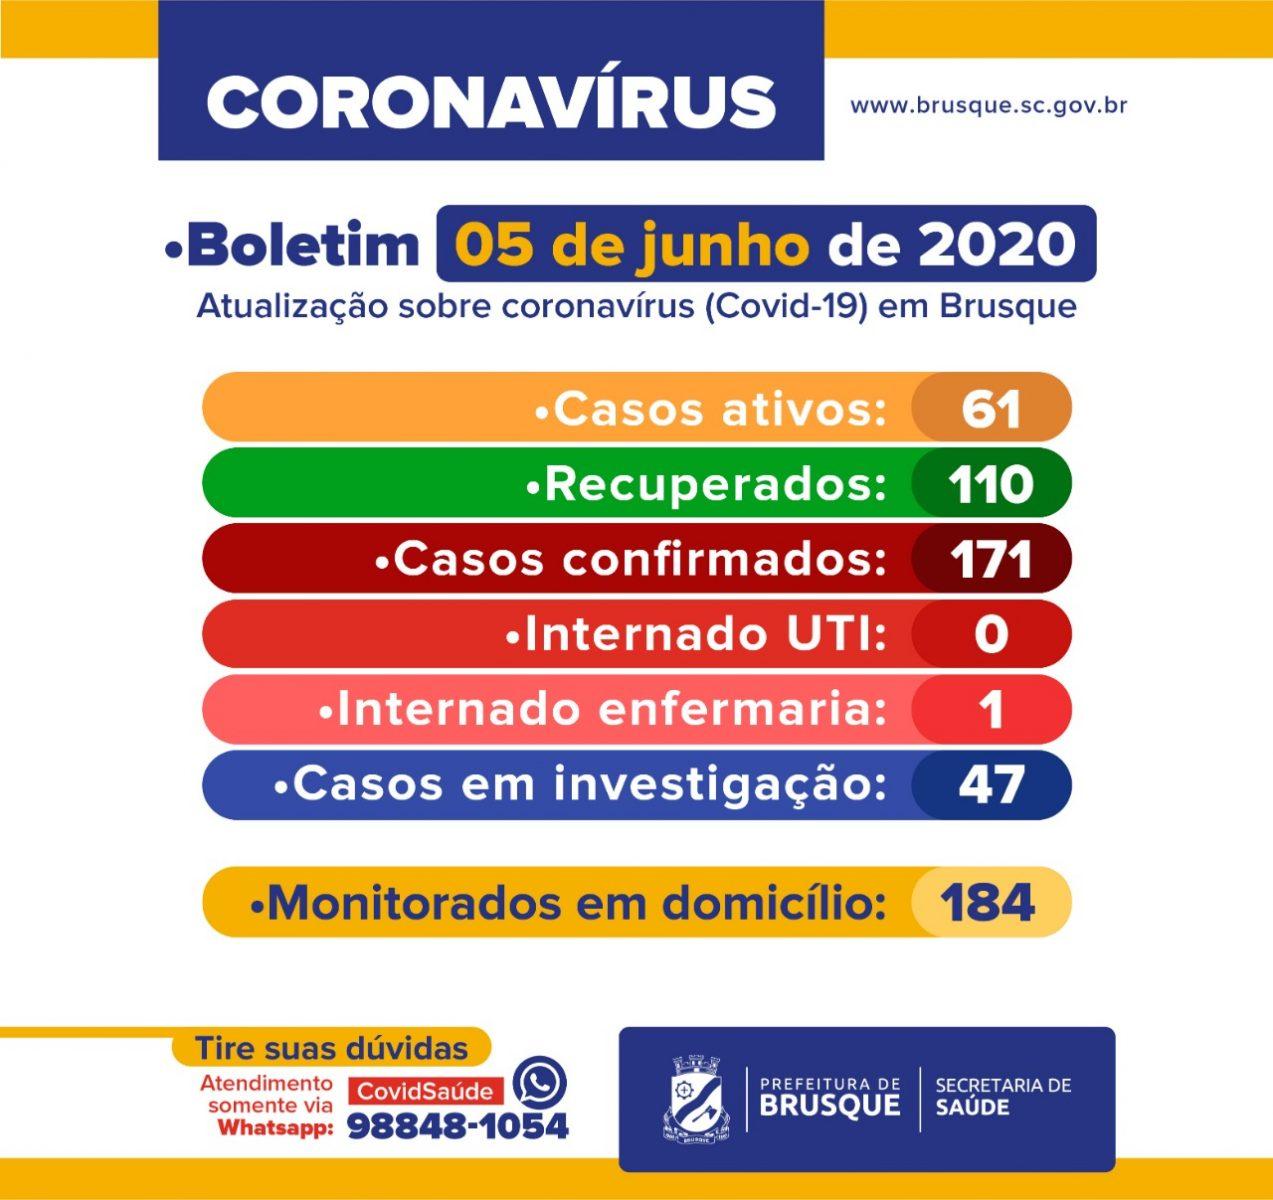 Número de casos de Covid-19 em Brusque sobe para 171